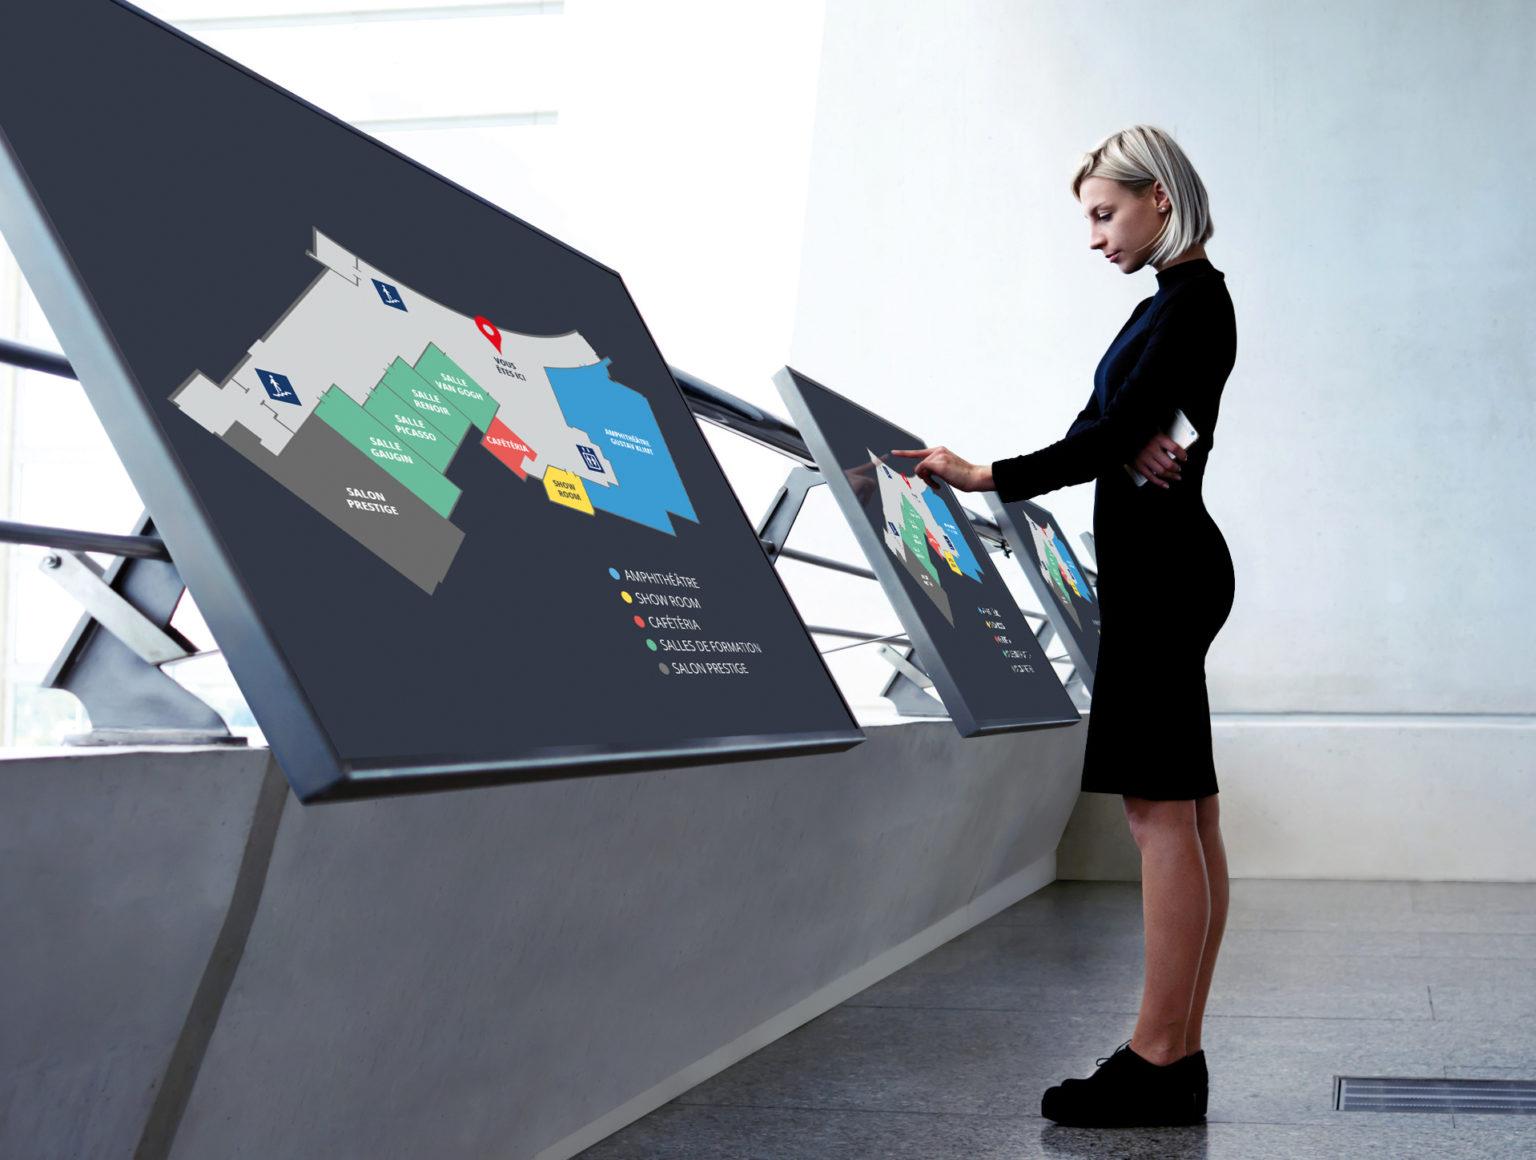 Ecran affichage dynamique plan d'entreprise